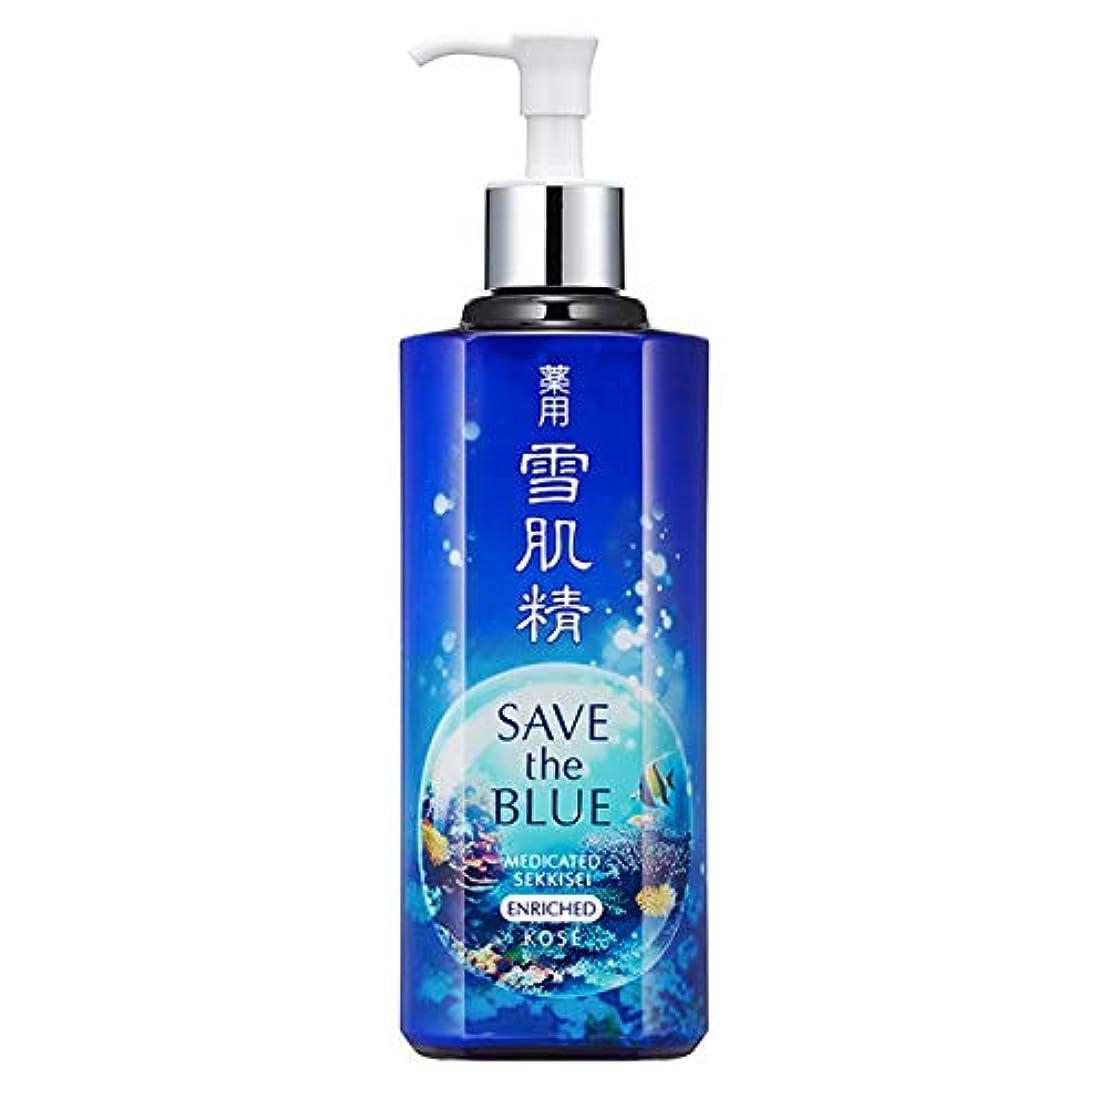 疾患処方ミュージカルコーセー 雪肌精 エンリッチ 「SAVE the BLUE」デザインボトル(しっとりタイプ) 500ml